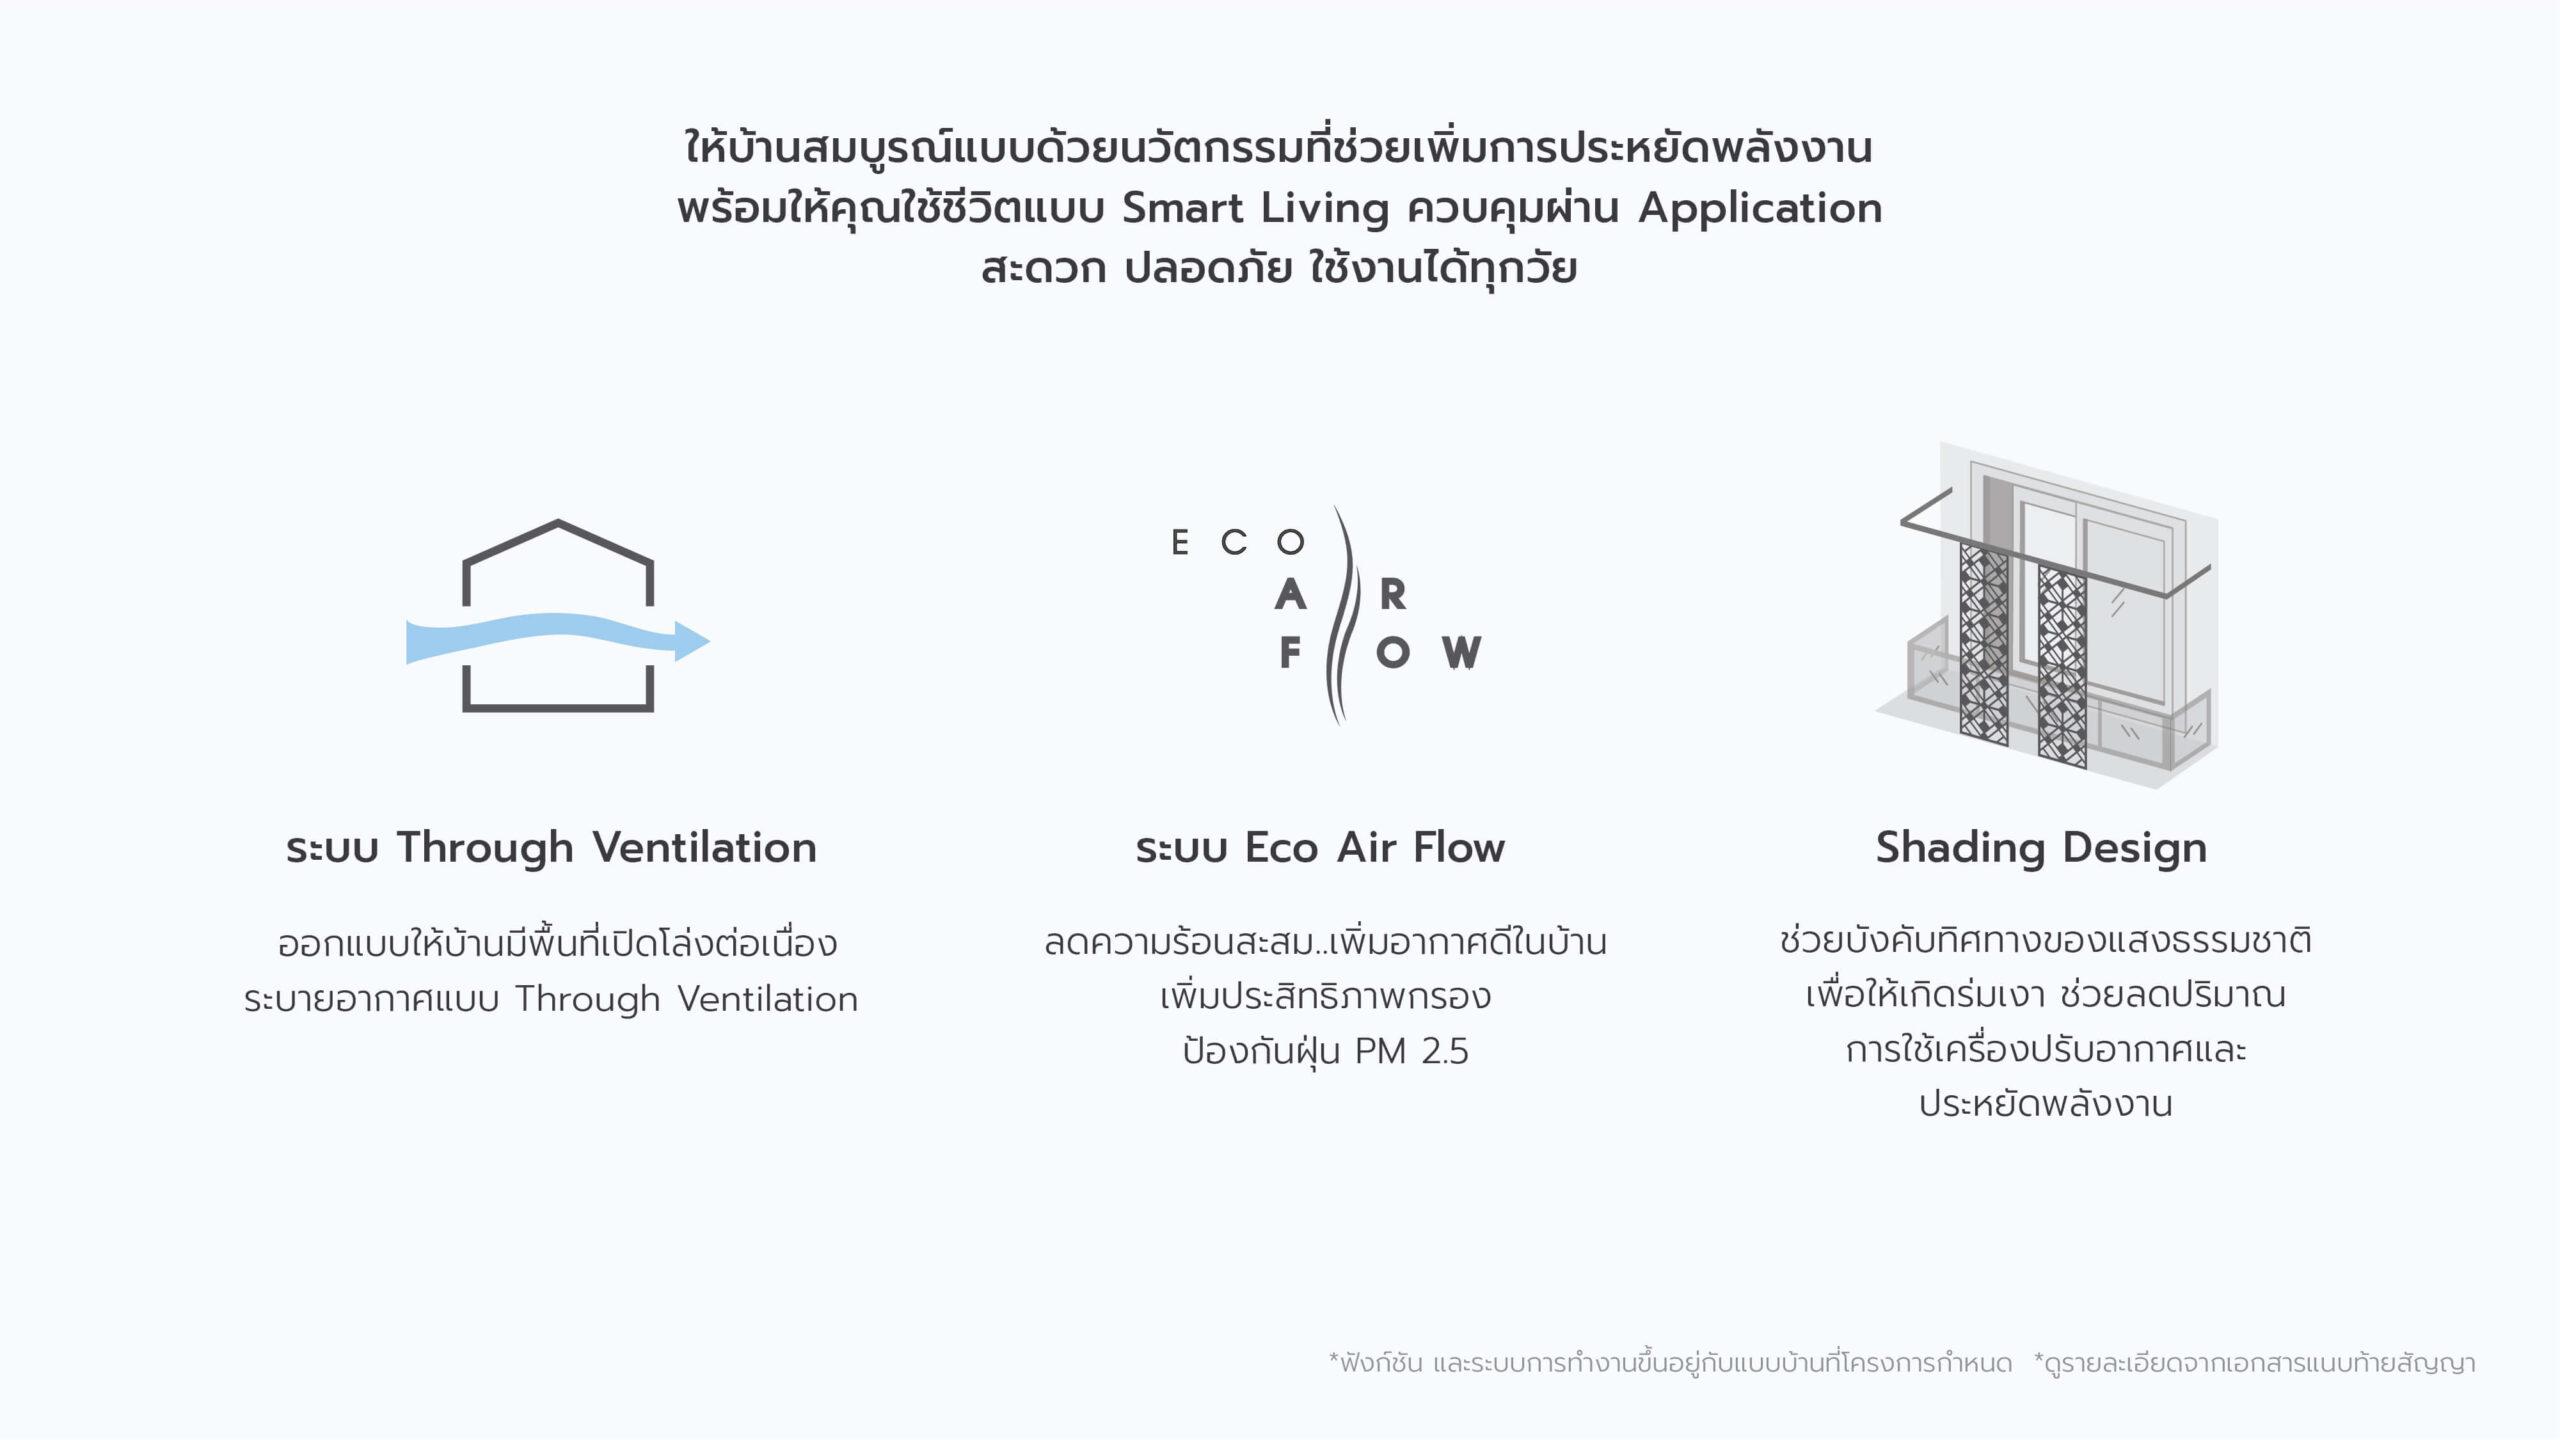 Eco Air Flow Through Ventilation